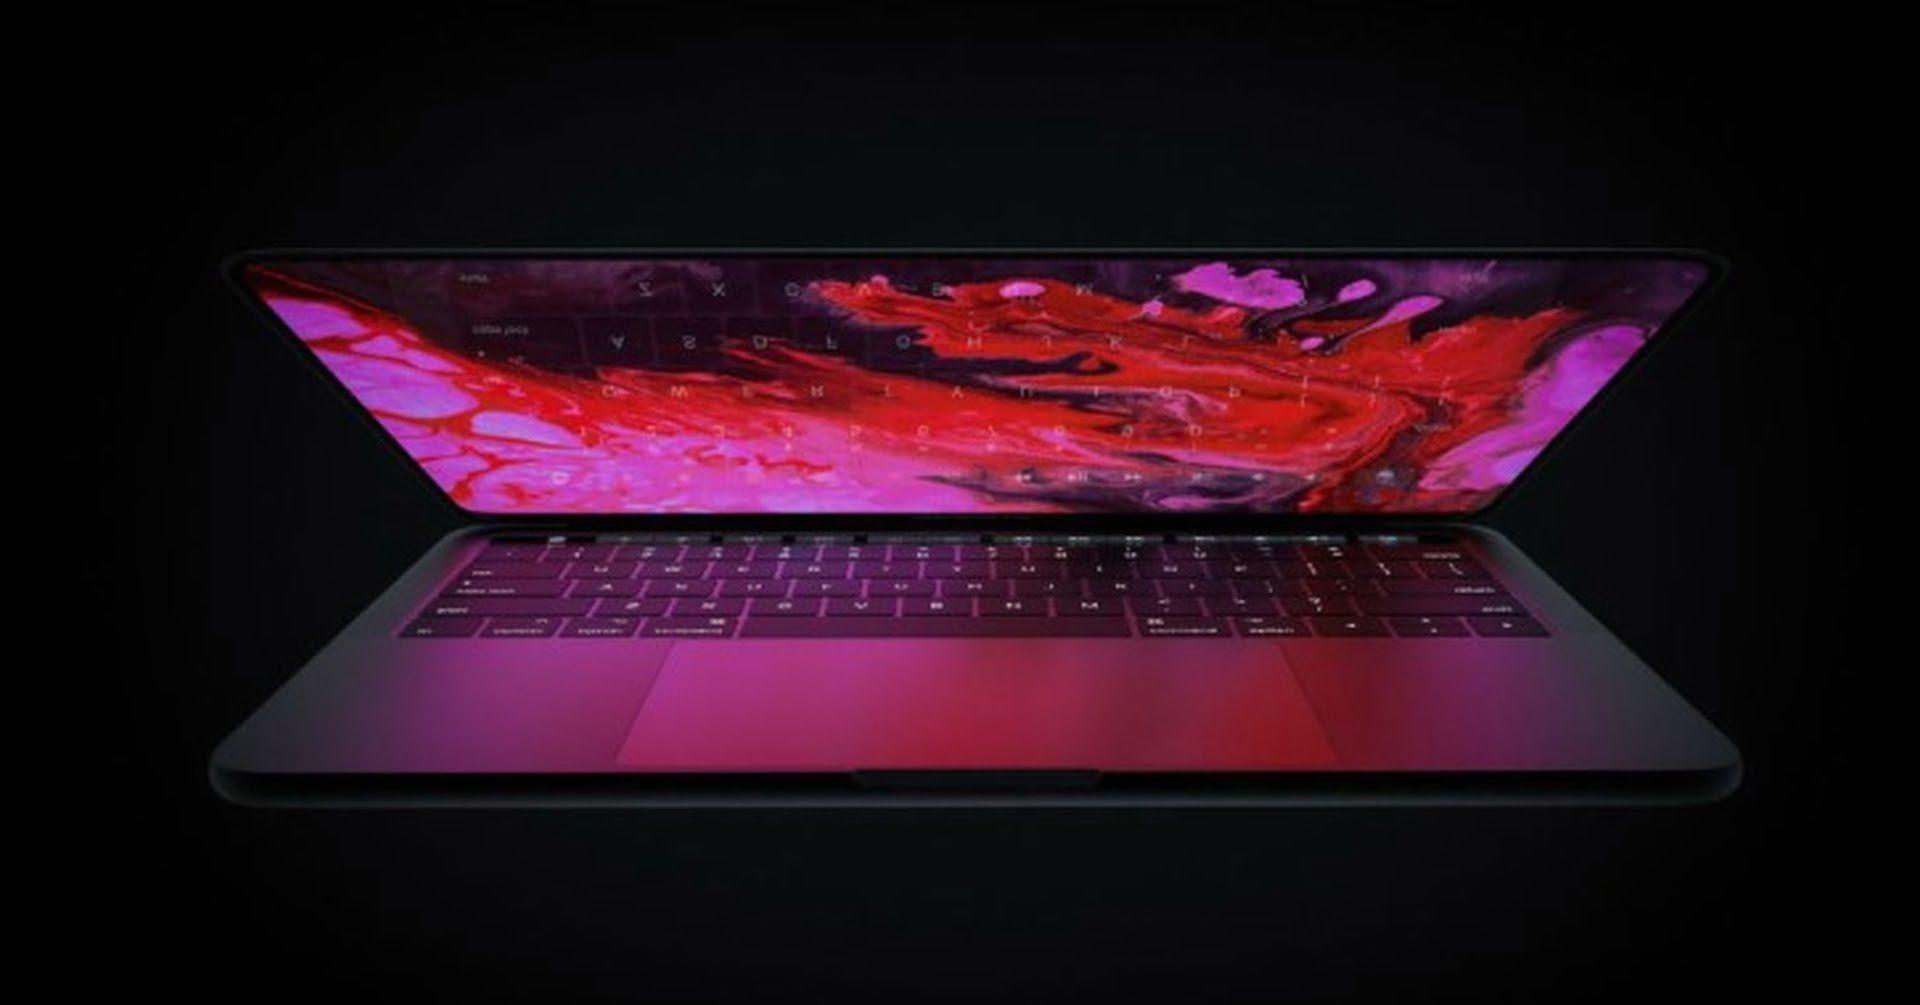 Nowe MacBooki Pro pojawią się w drugiej połowie 2021 roku